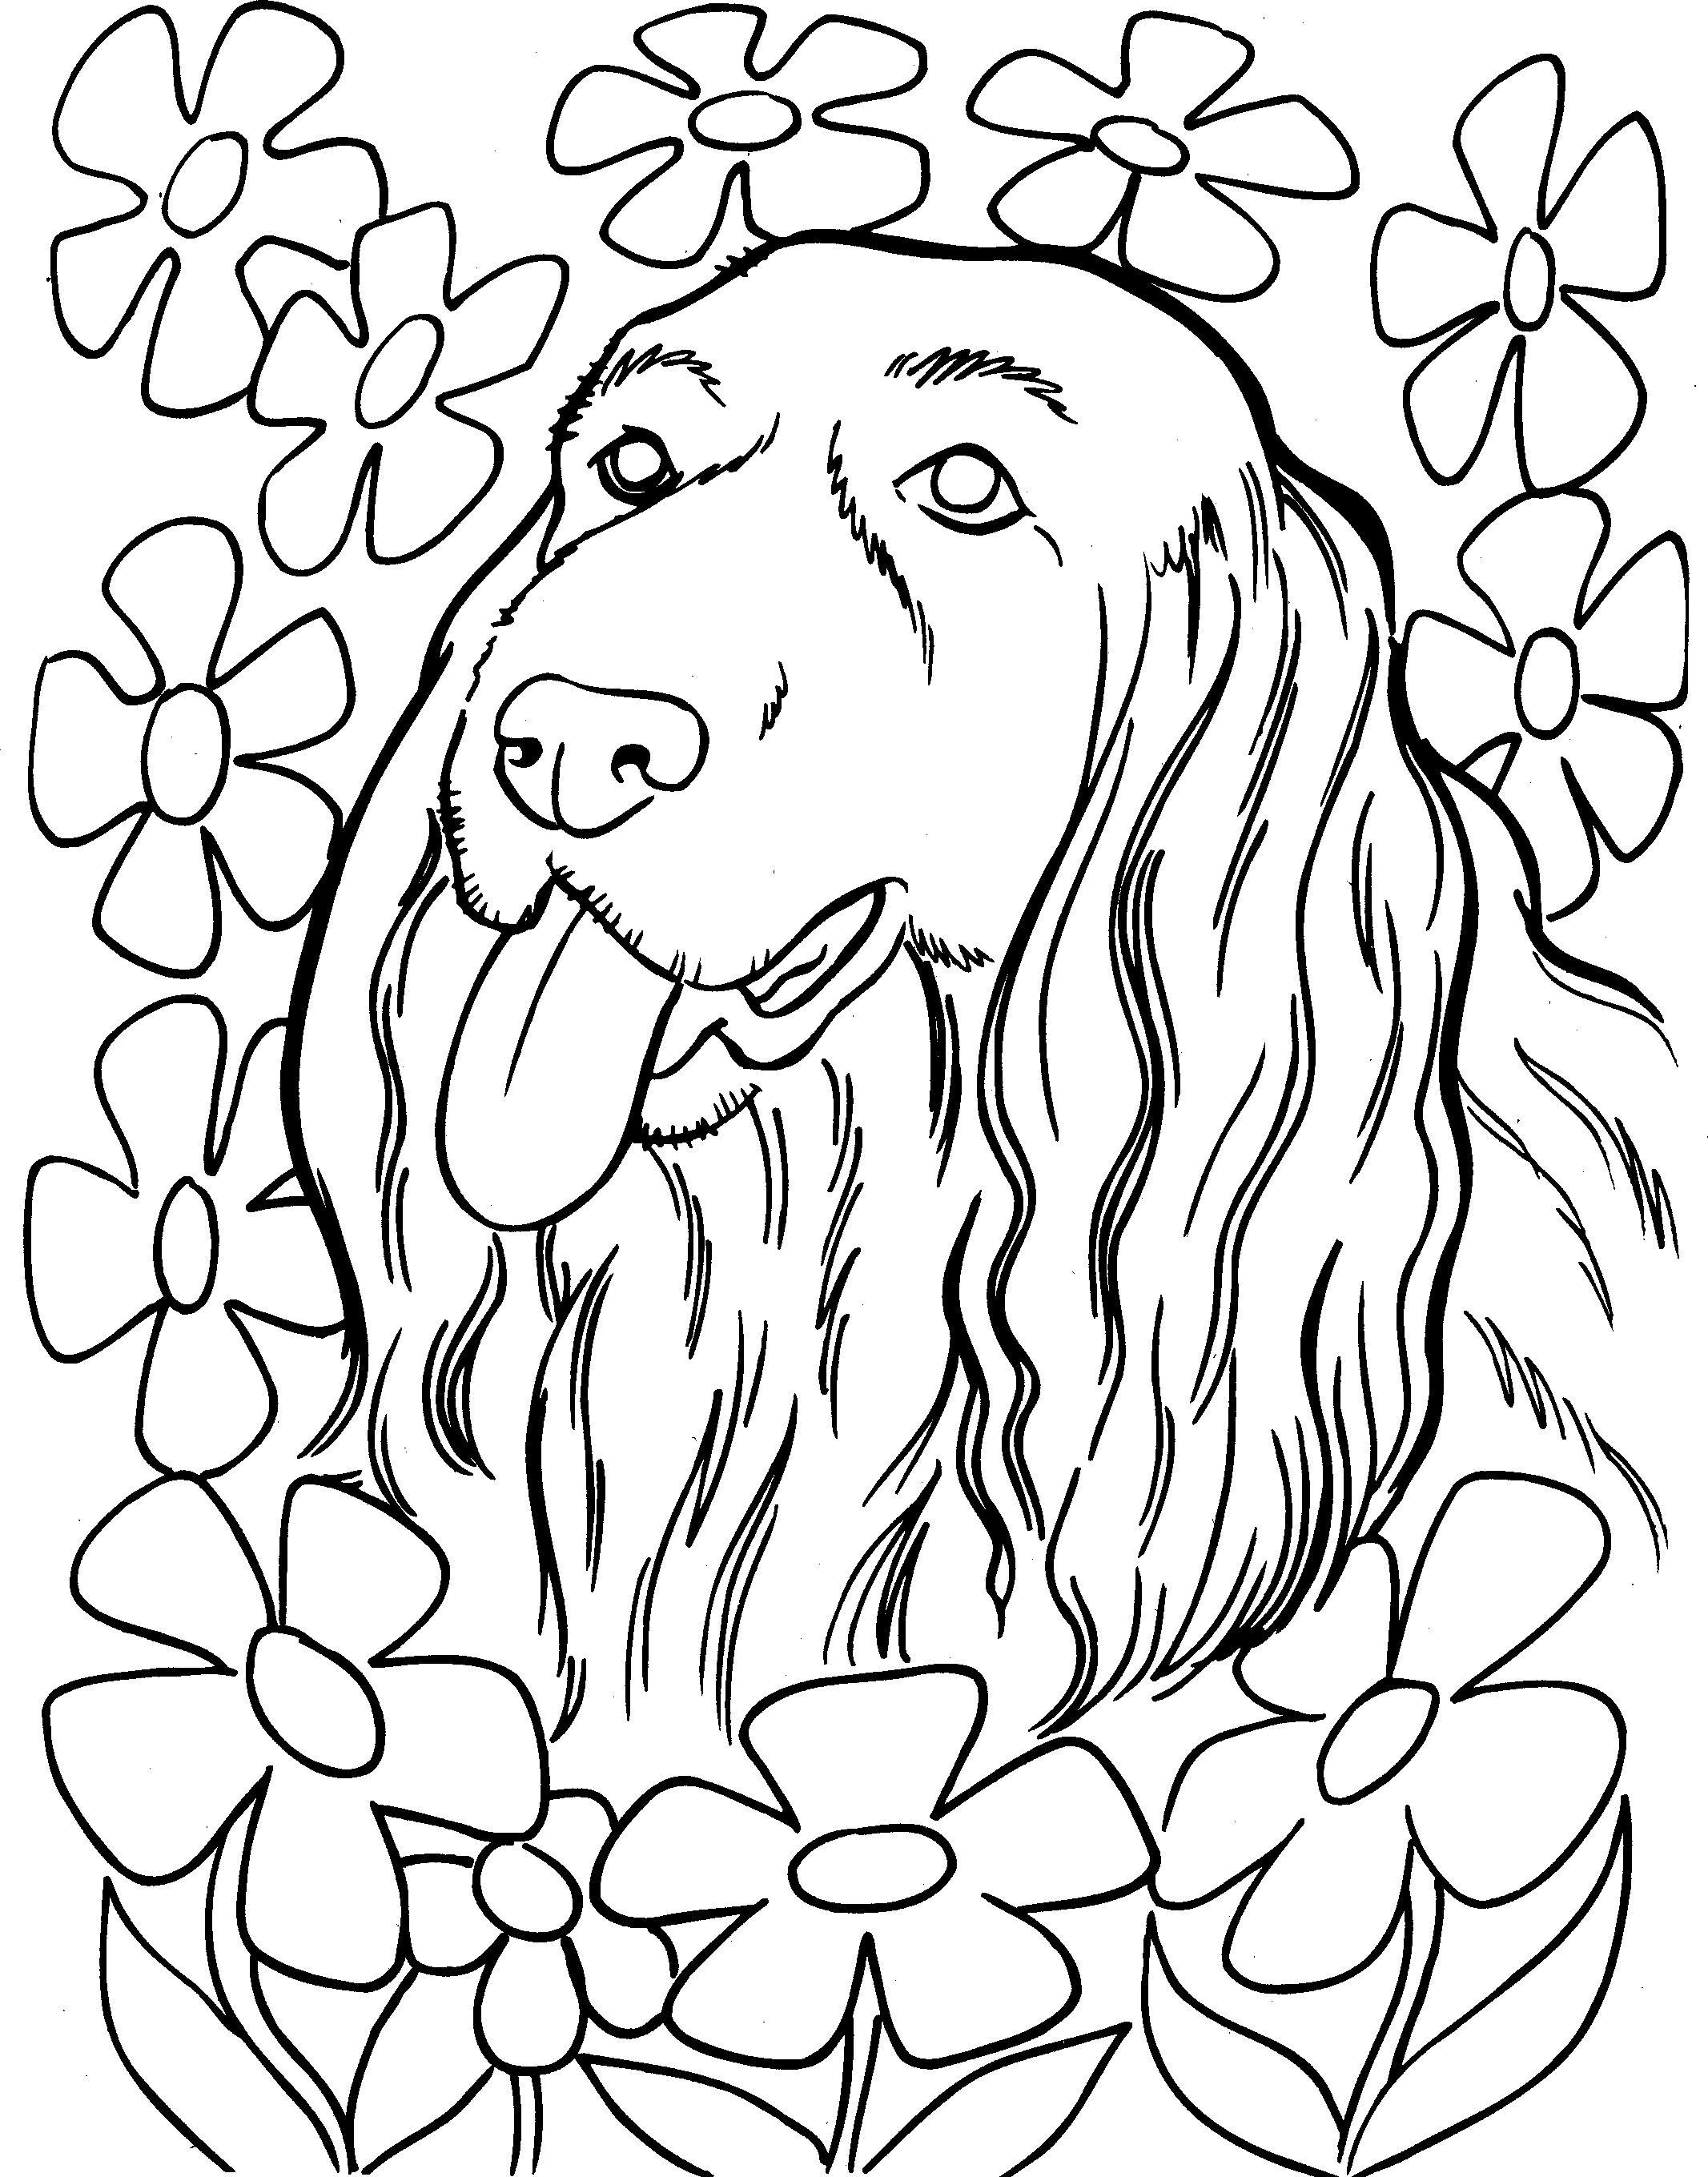 Kleurplaat Honden Kleurplaat 8890 Mandala Kleurplaten Kleurplaten Honden